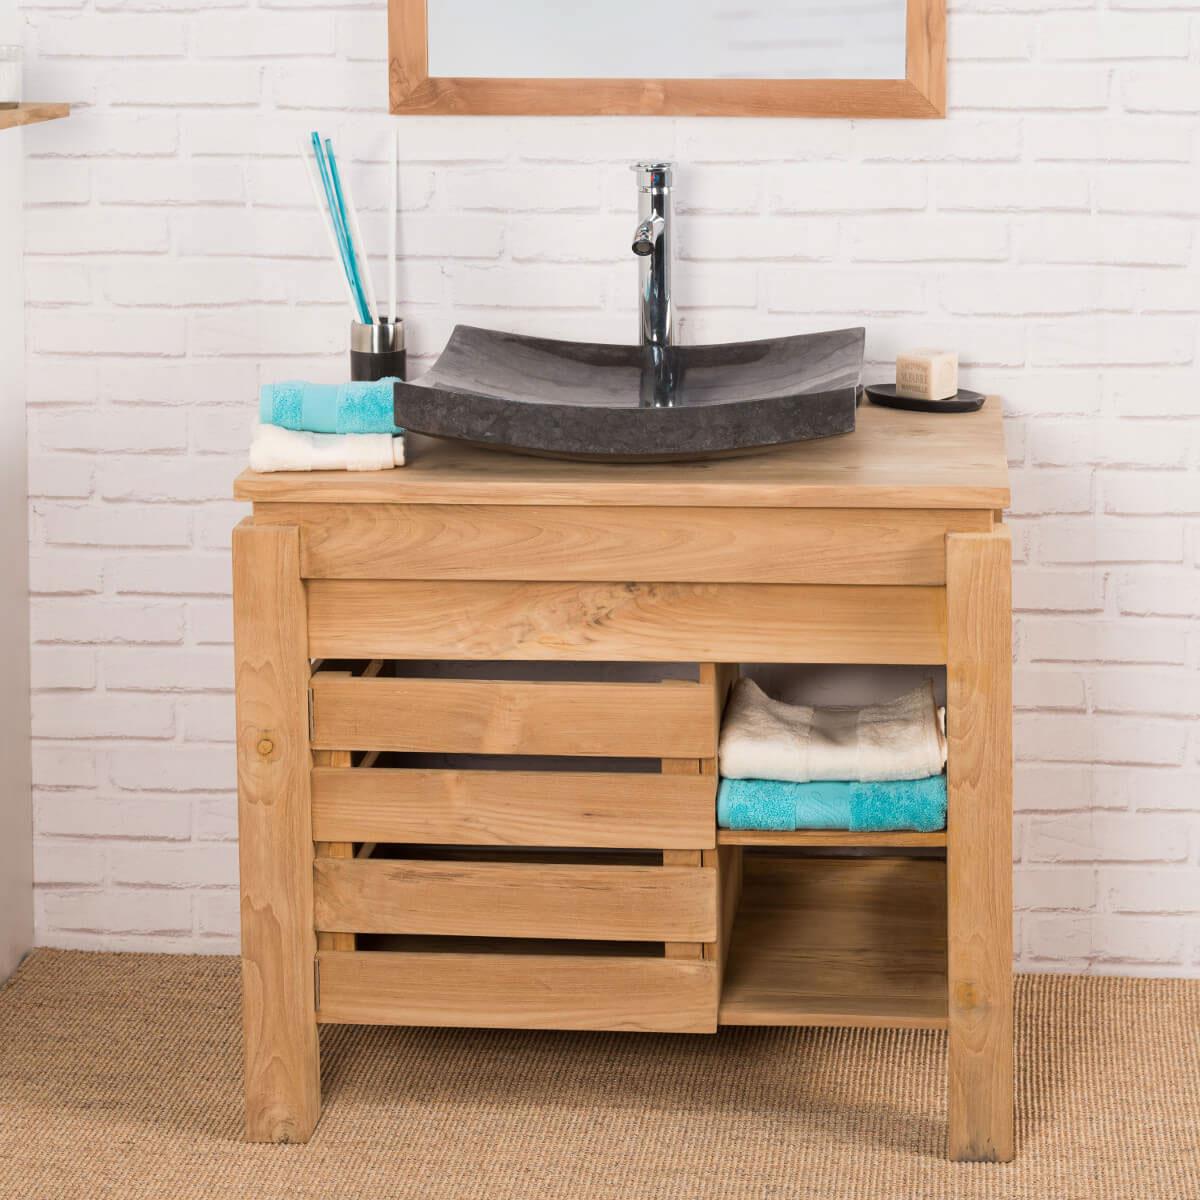 Mueble para cuarto de ba o mueble ba o madera teca - Mueble de habitacion ...